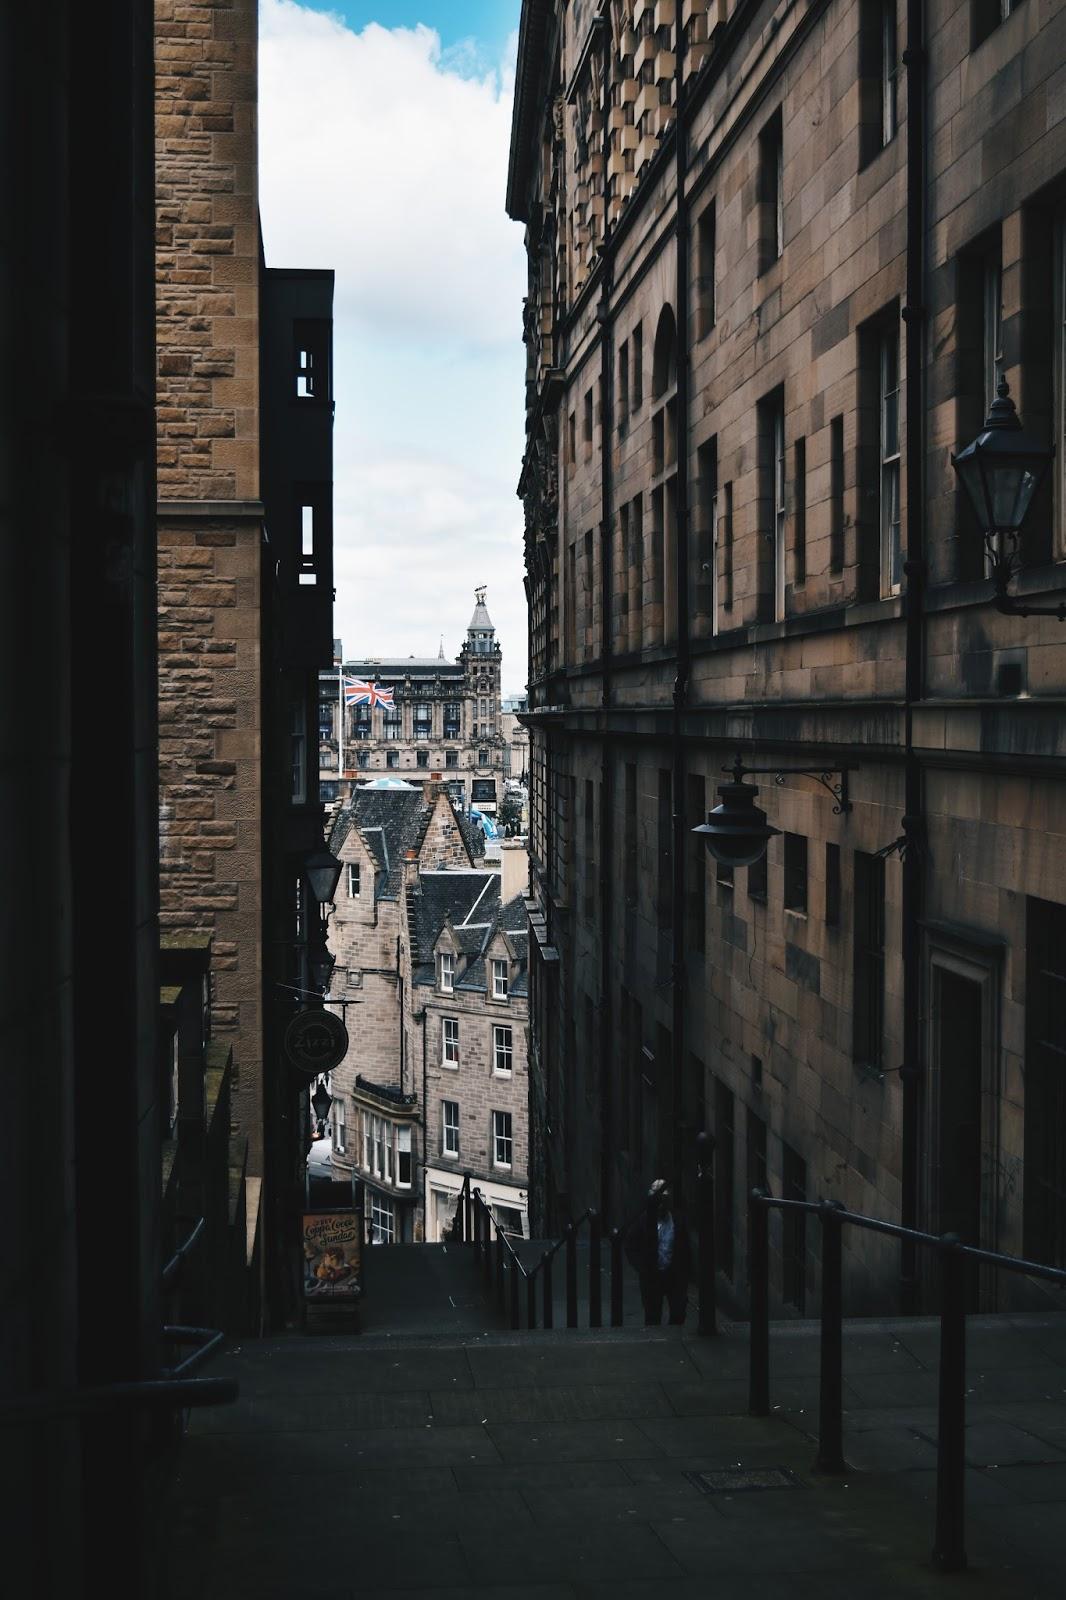 Szkocja, Edynburg, Wielka Brytania, UK, Scotland, Edinburgh,